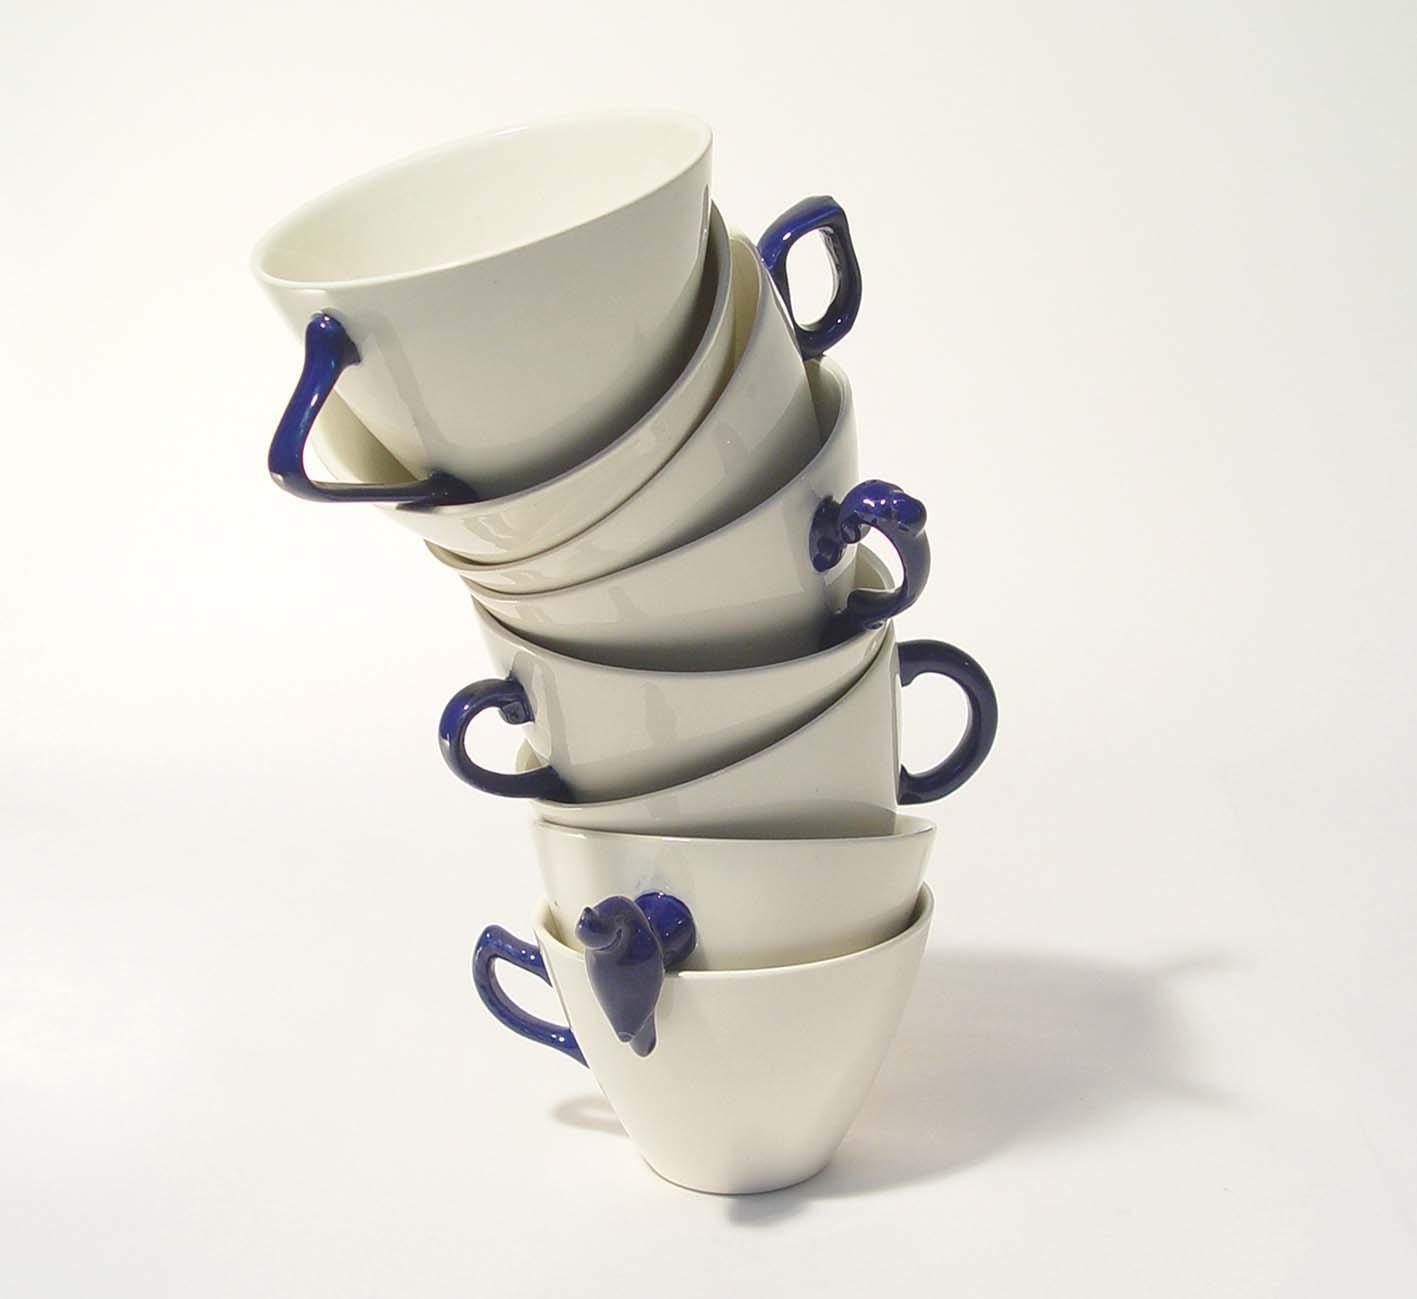 ceramique_Royal Boch_Lucile Soufflet_1